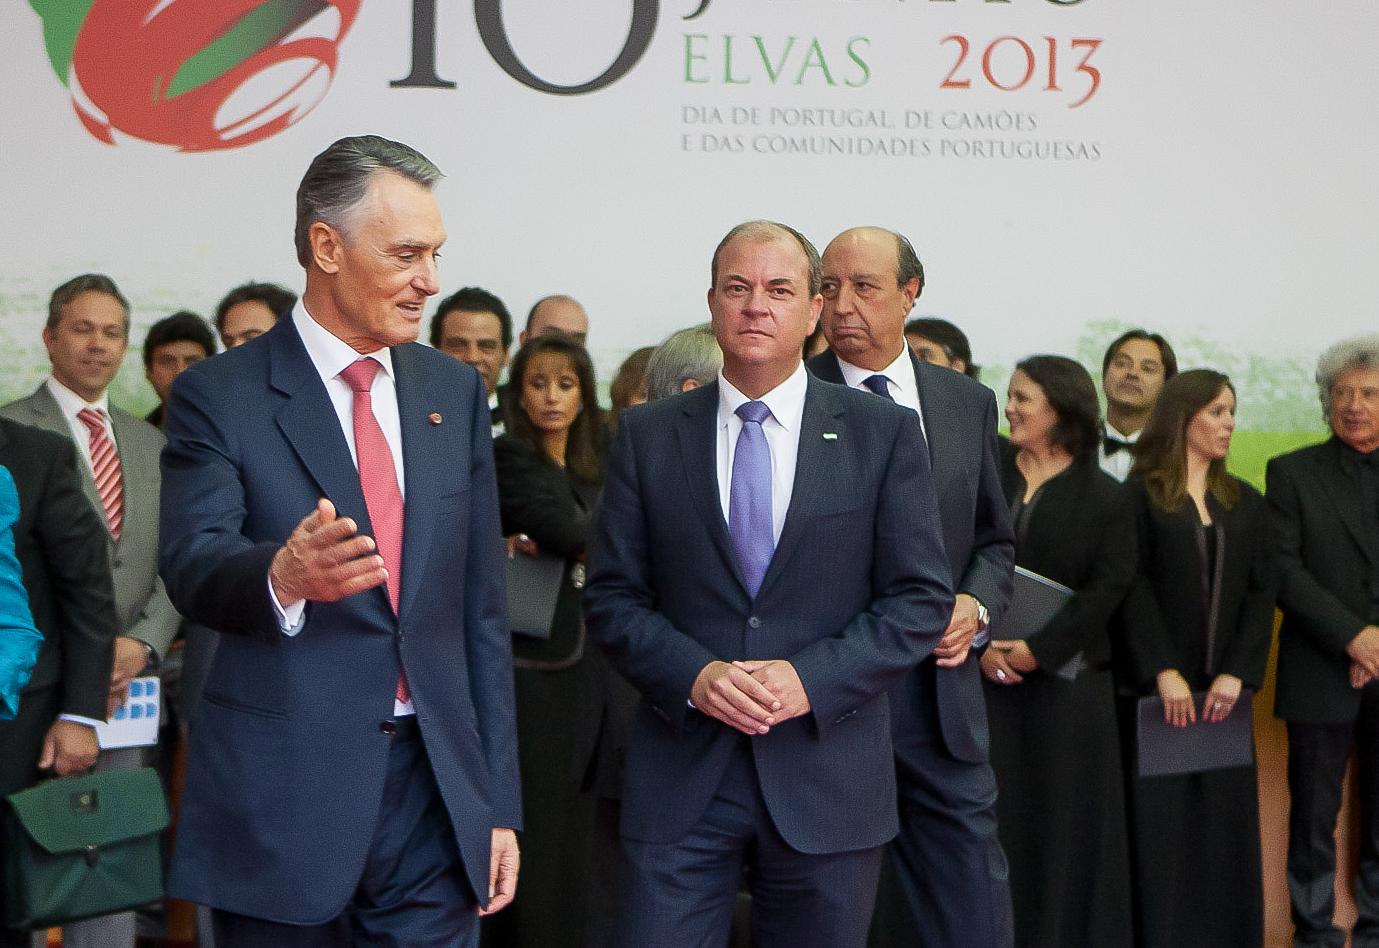 gobierno de extremadura monago asiste en Elvas, Portugal a los actos de celebracion del Dia de Portugal, presidente del  Anibal Cavaco Silva,